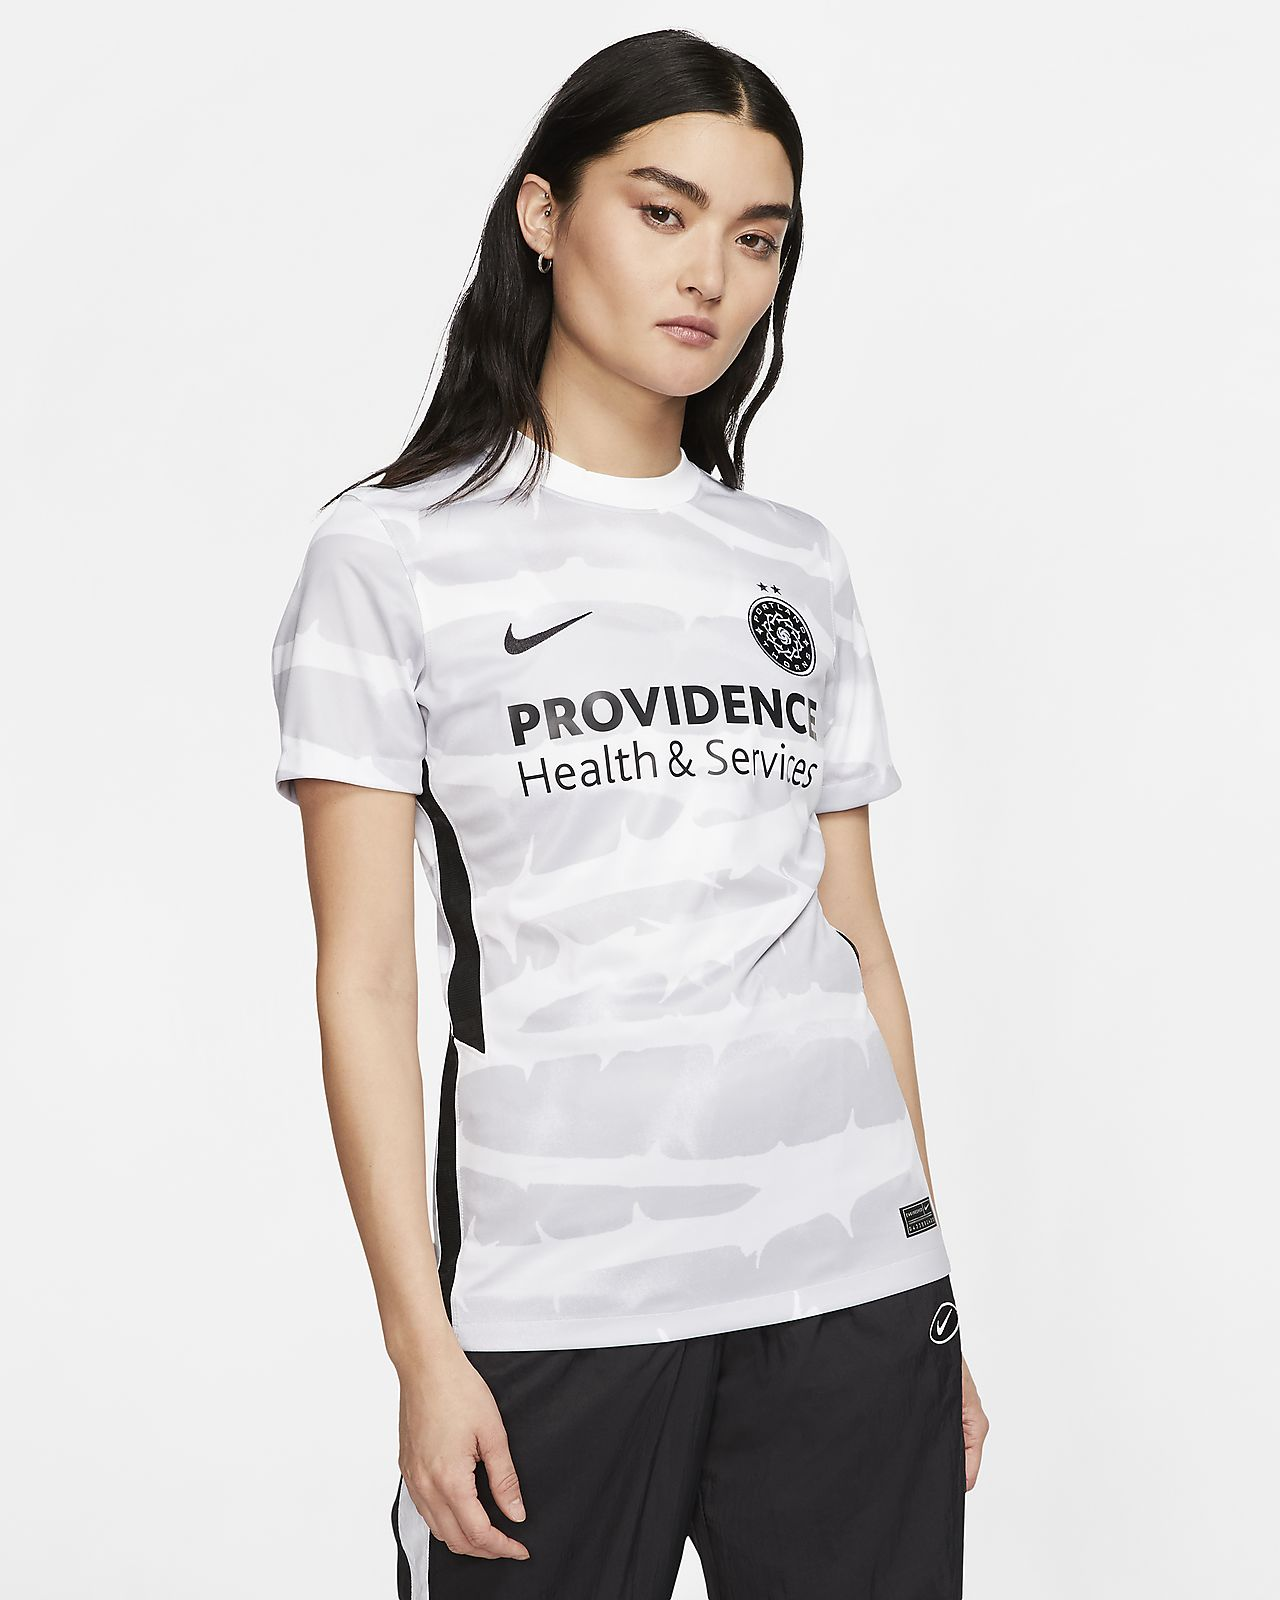 เสื้อแข่งฟุตบอลผู้หญิง Portland Thorns FC 2020 Stadium Away